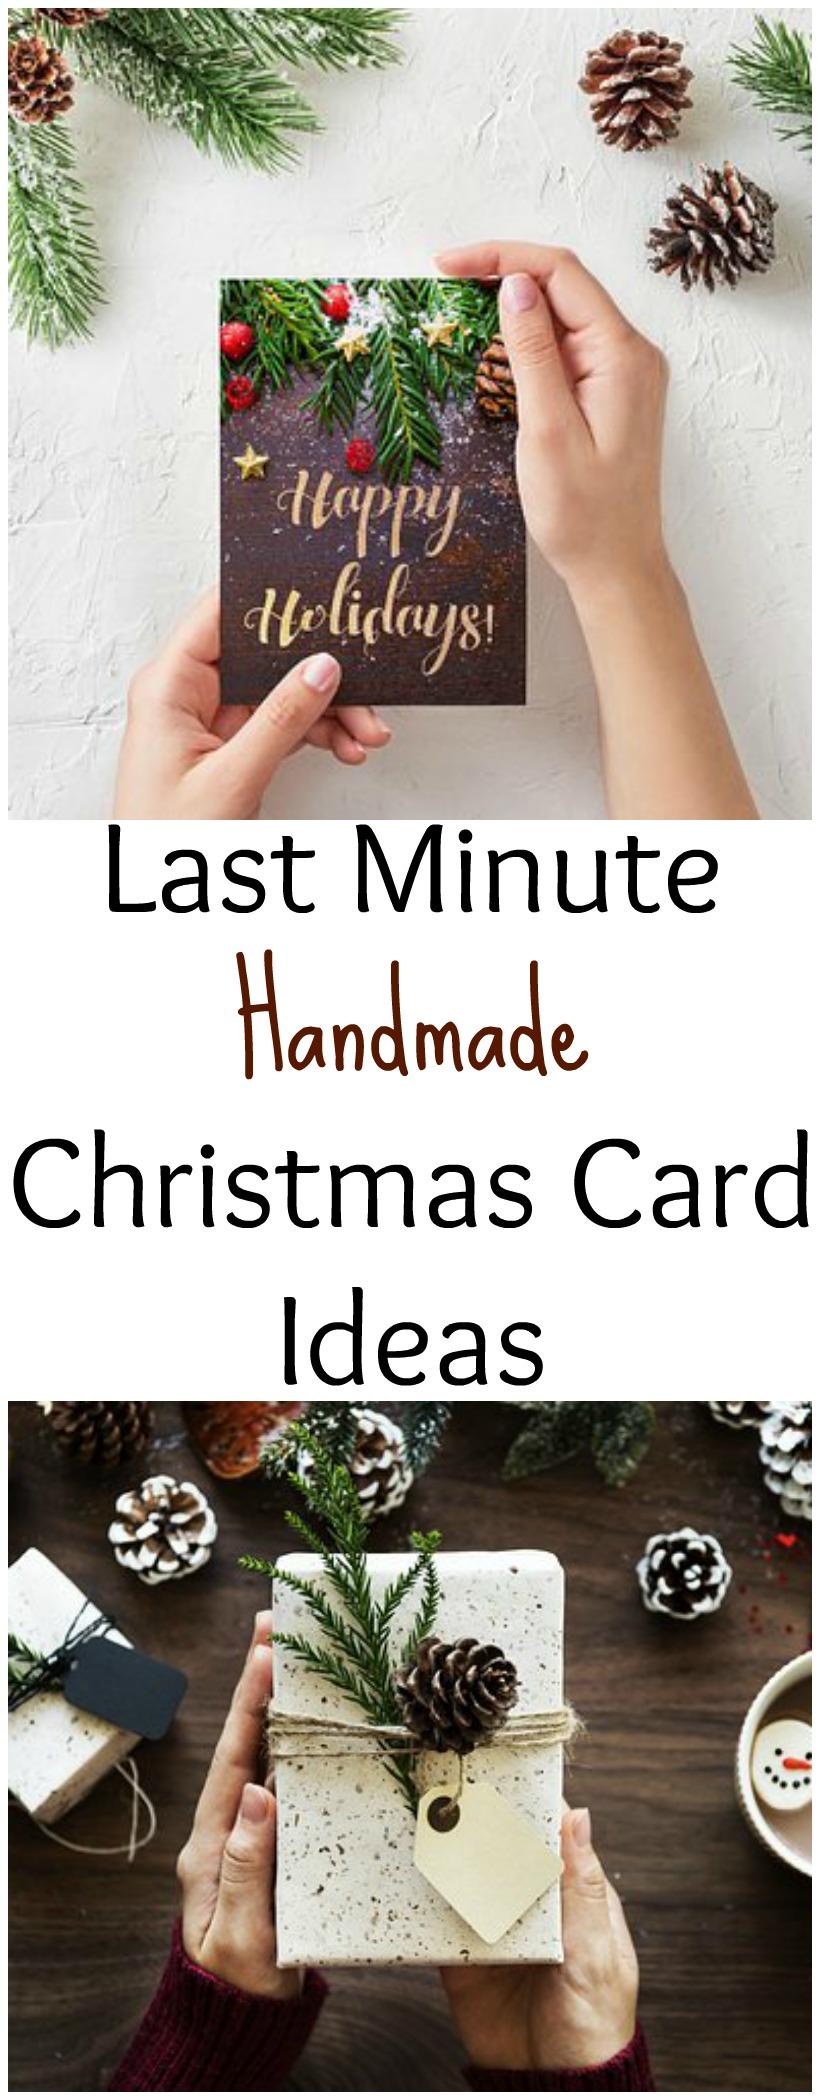 Last Minute Handmade Christmas Card Ideas on chemistrycachet.com